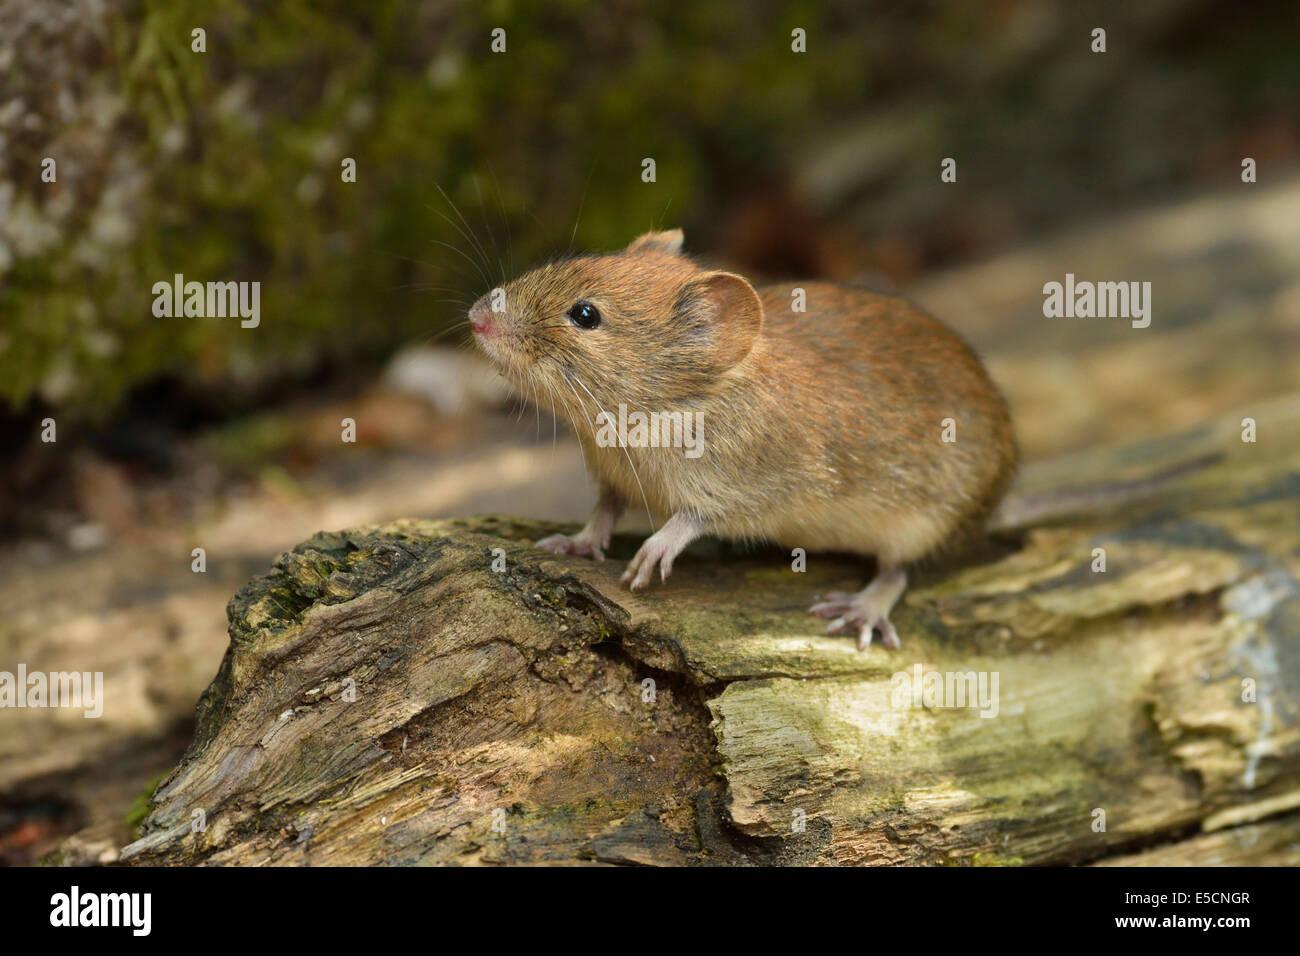 Bank vole (Myodes glareolus), Croatia - Stock Image